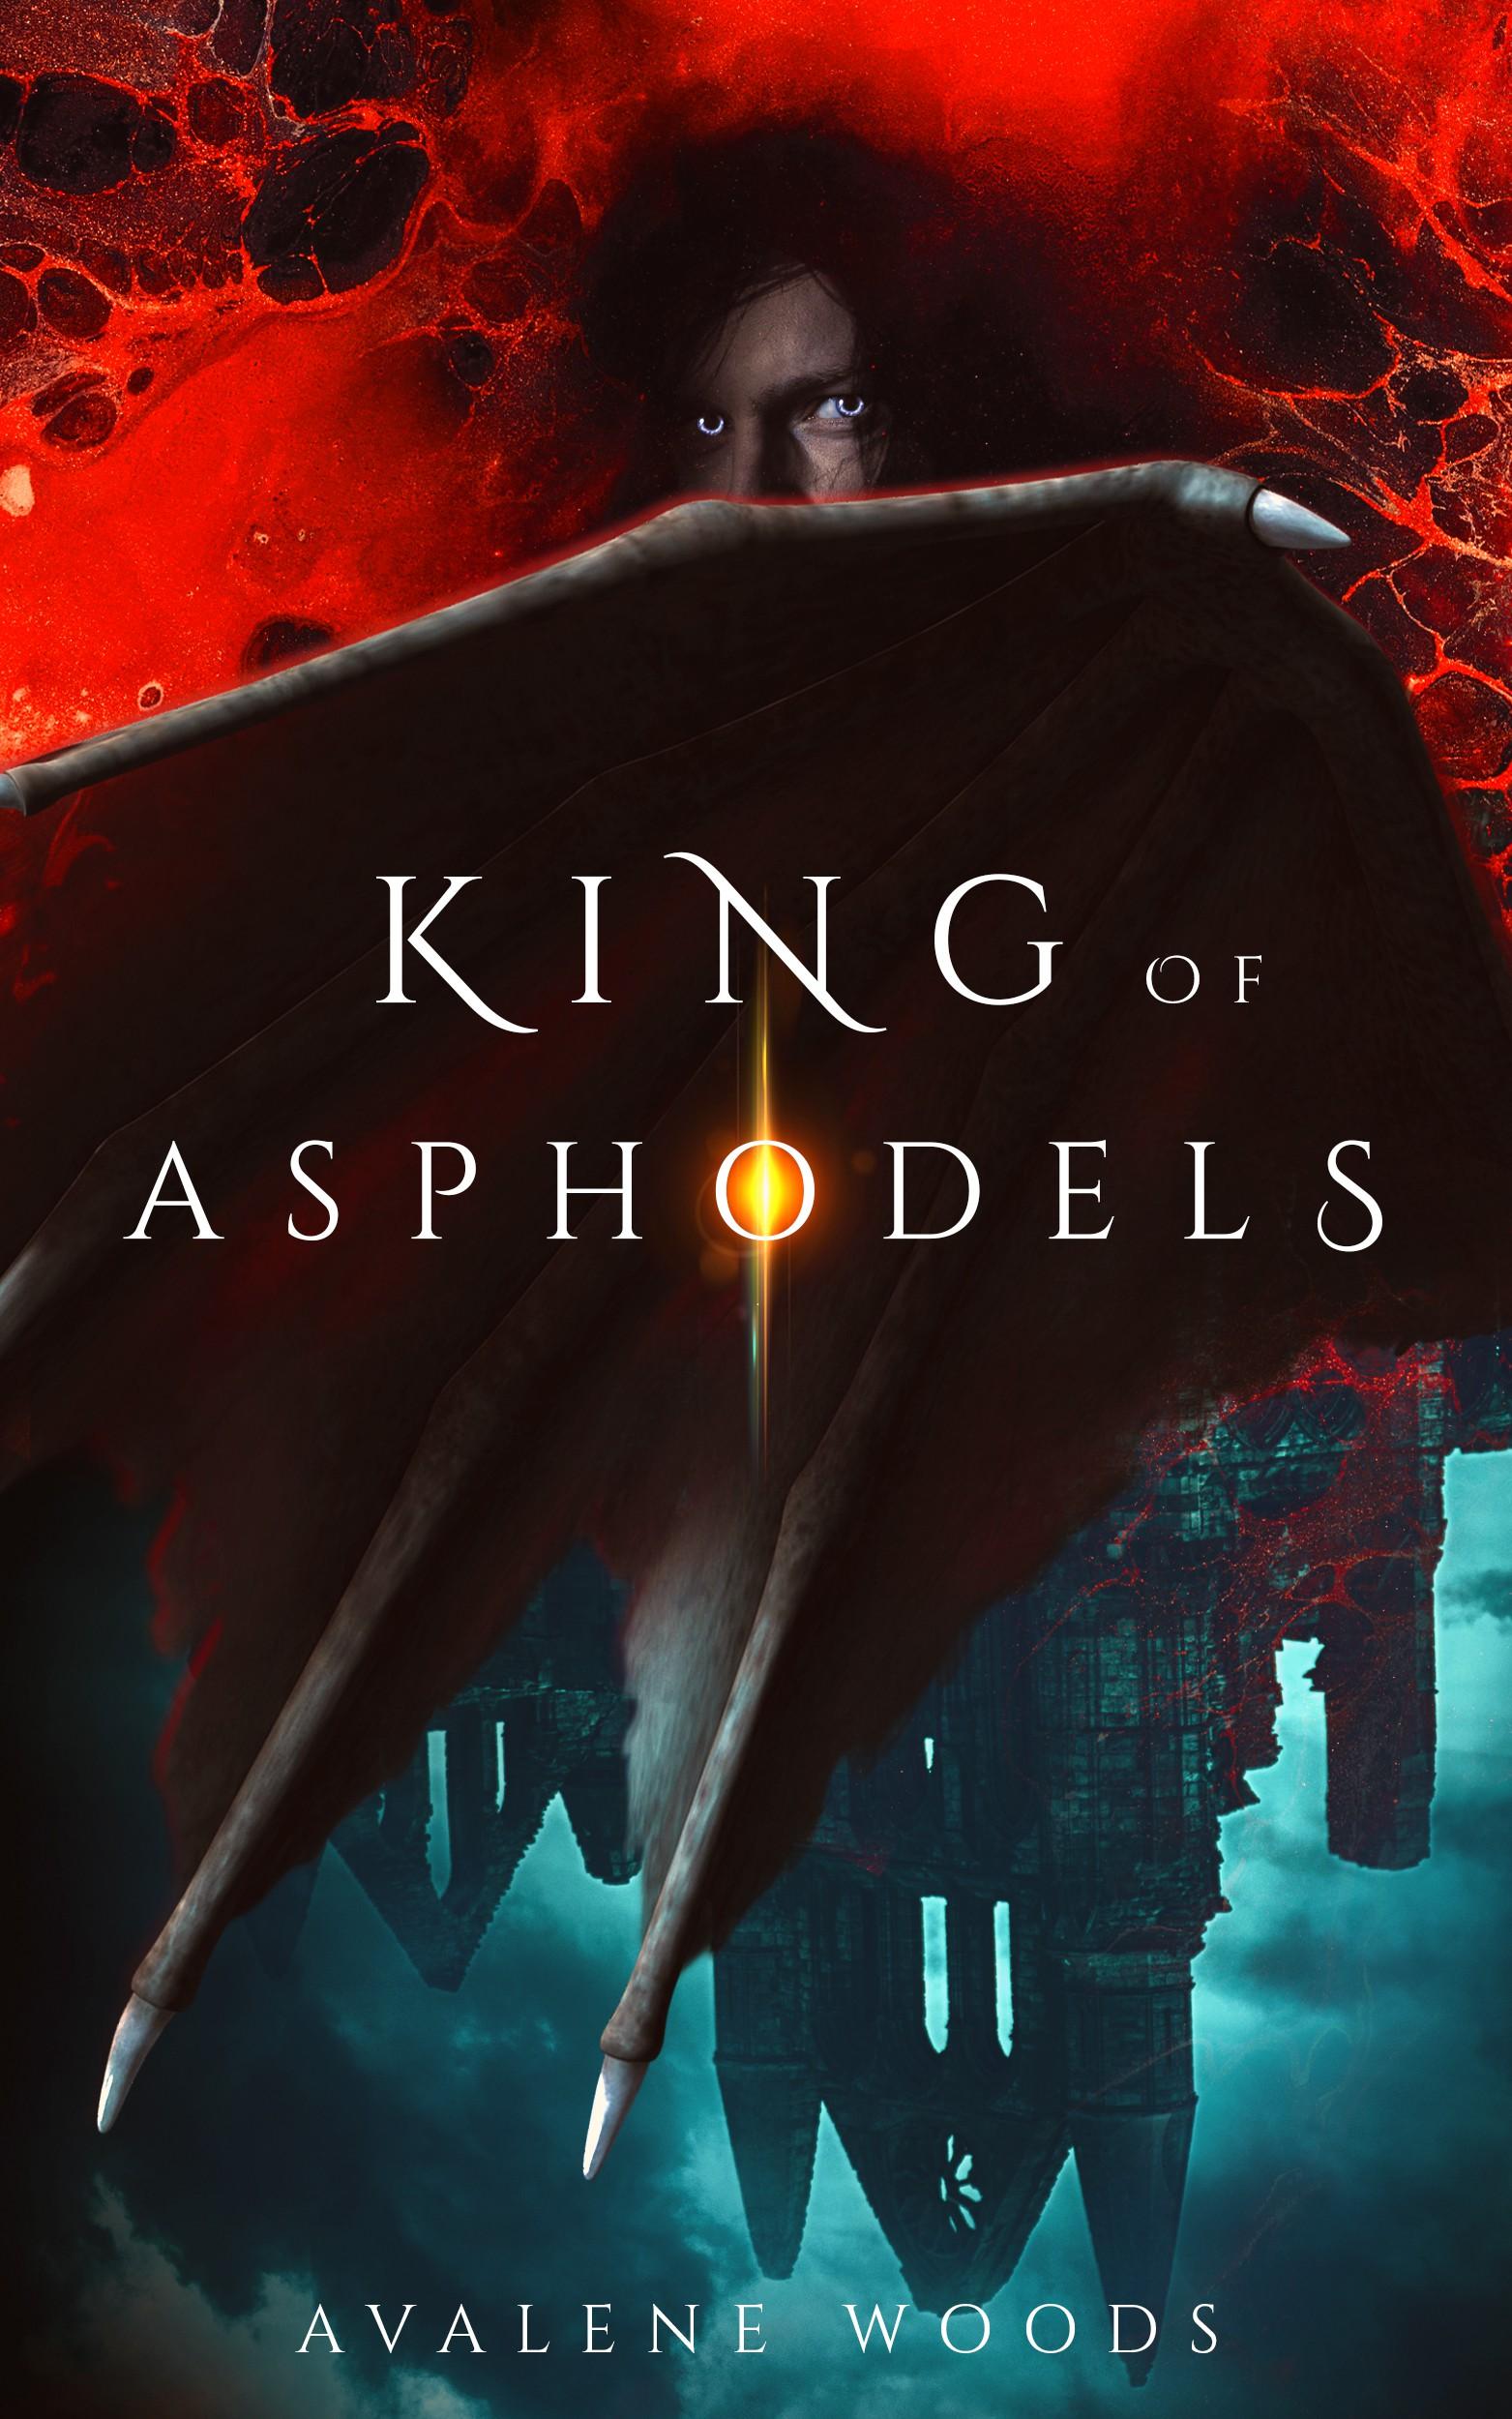 Compelling book cover for Underworld-inspired dark fantasy novel